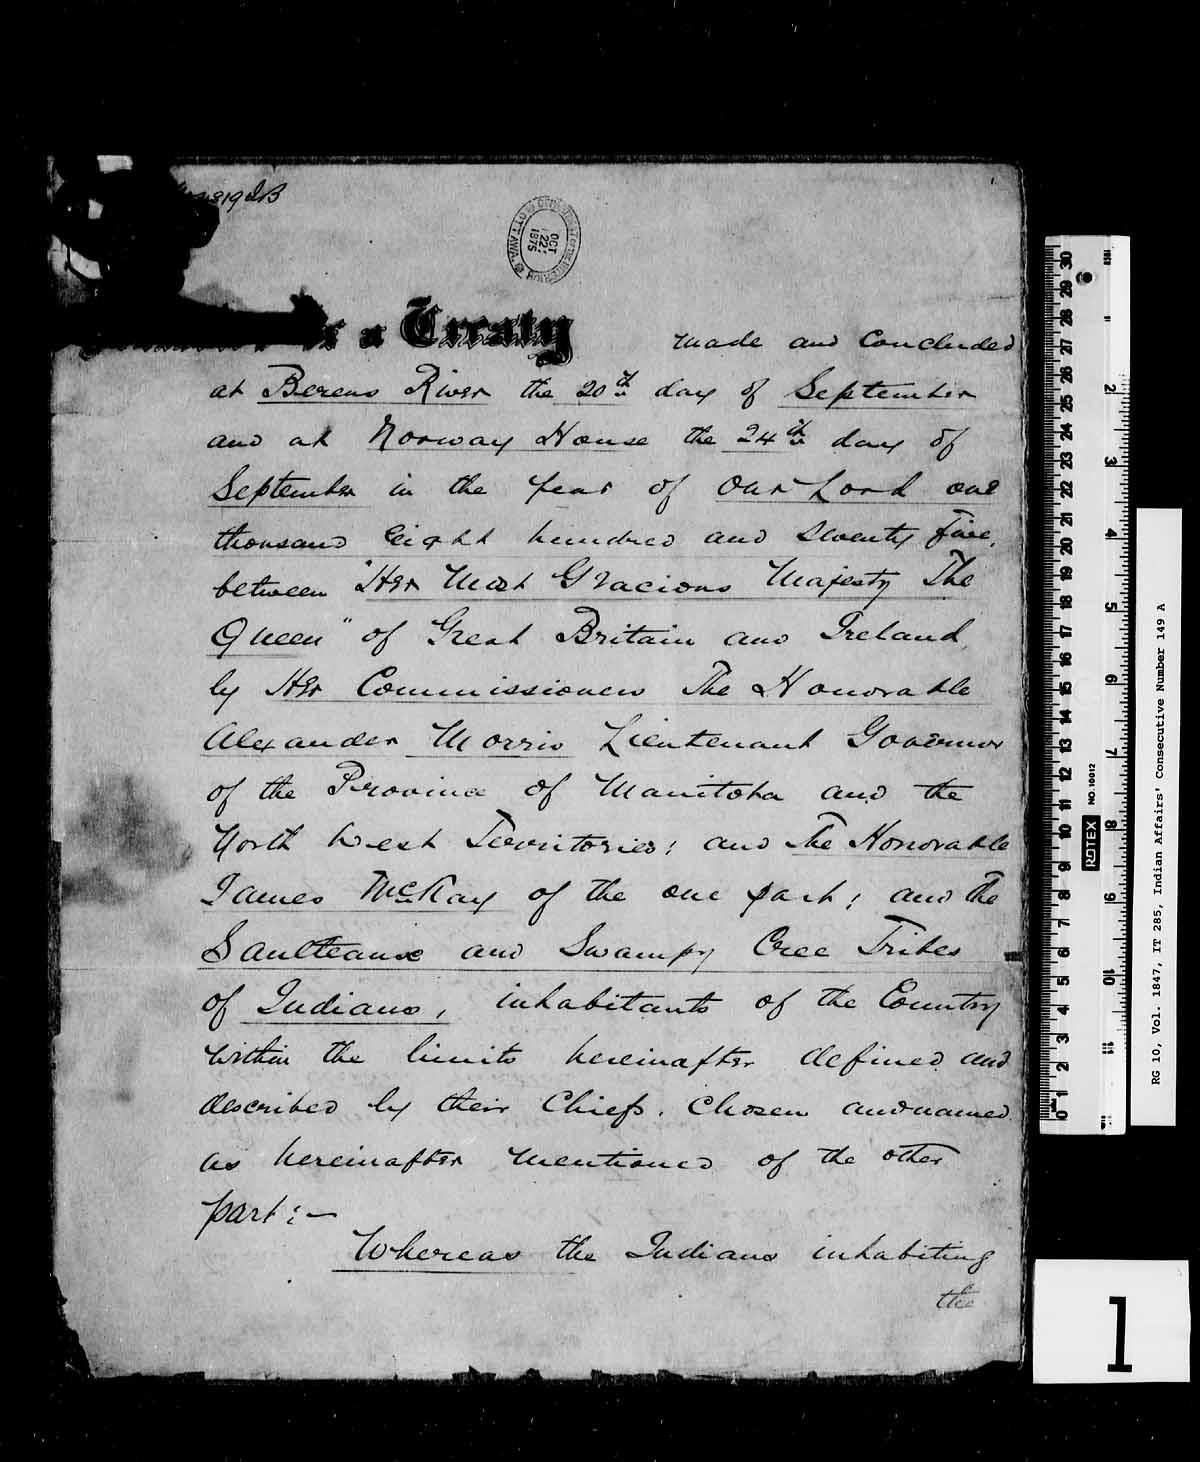 Une page manuscrite qui comprend le lieu, la date, les parties, les signataires et une partie du texte du Traité nᵒ 5 de l'Ouest.